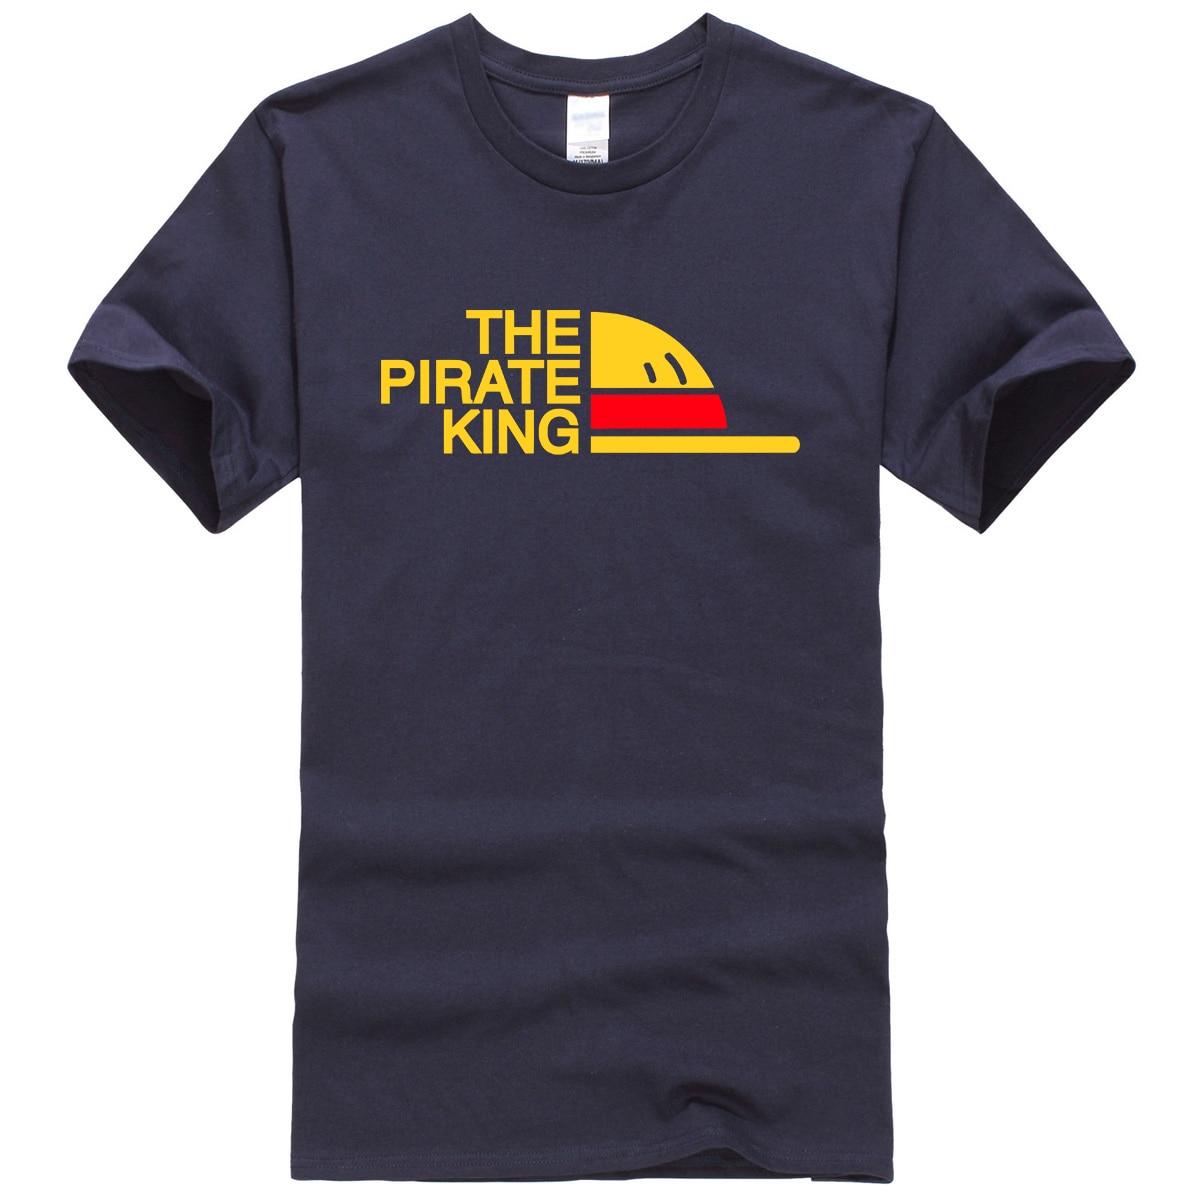 2019 été décontracté T-shirt hommes Anime une pièce homme T-shirt haut en coton le roi PIRATE Streetwear hommes T-shirts Harajuku T-shirt